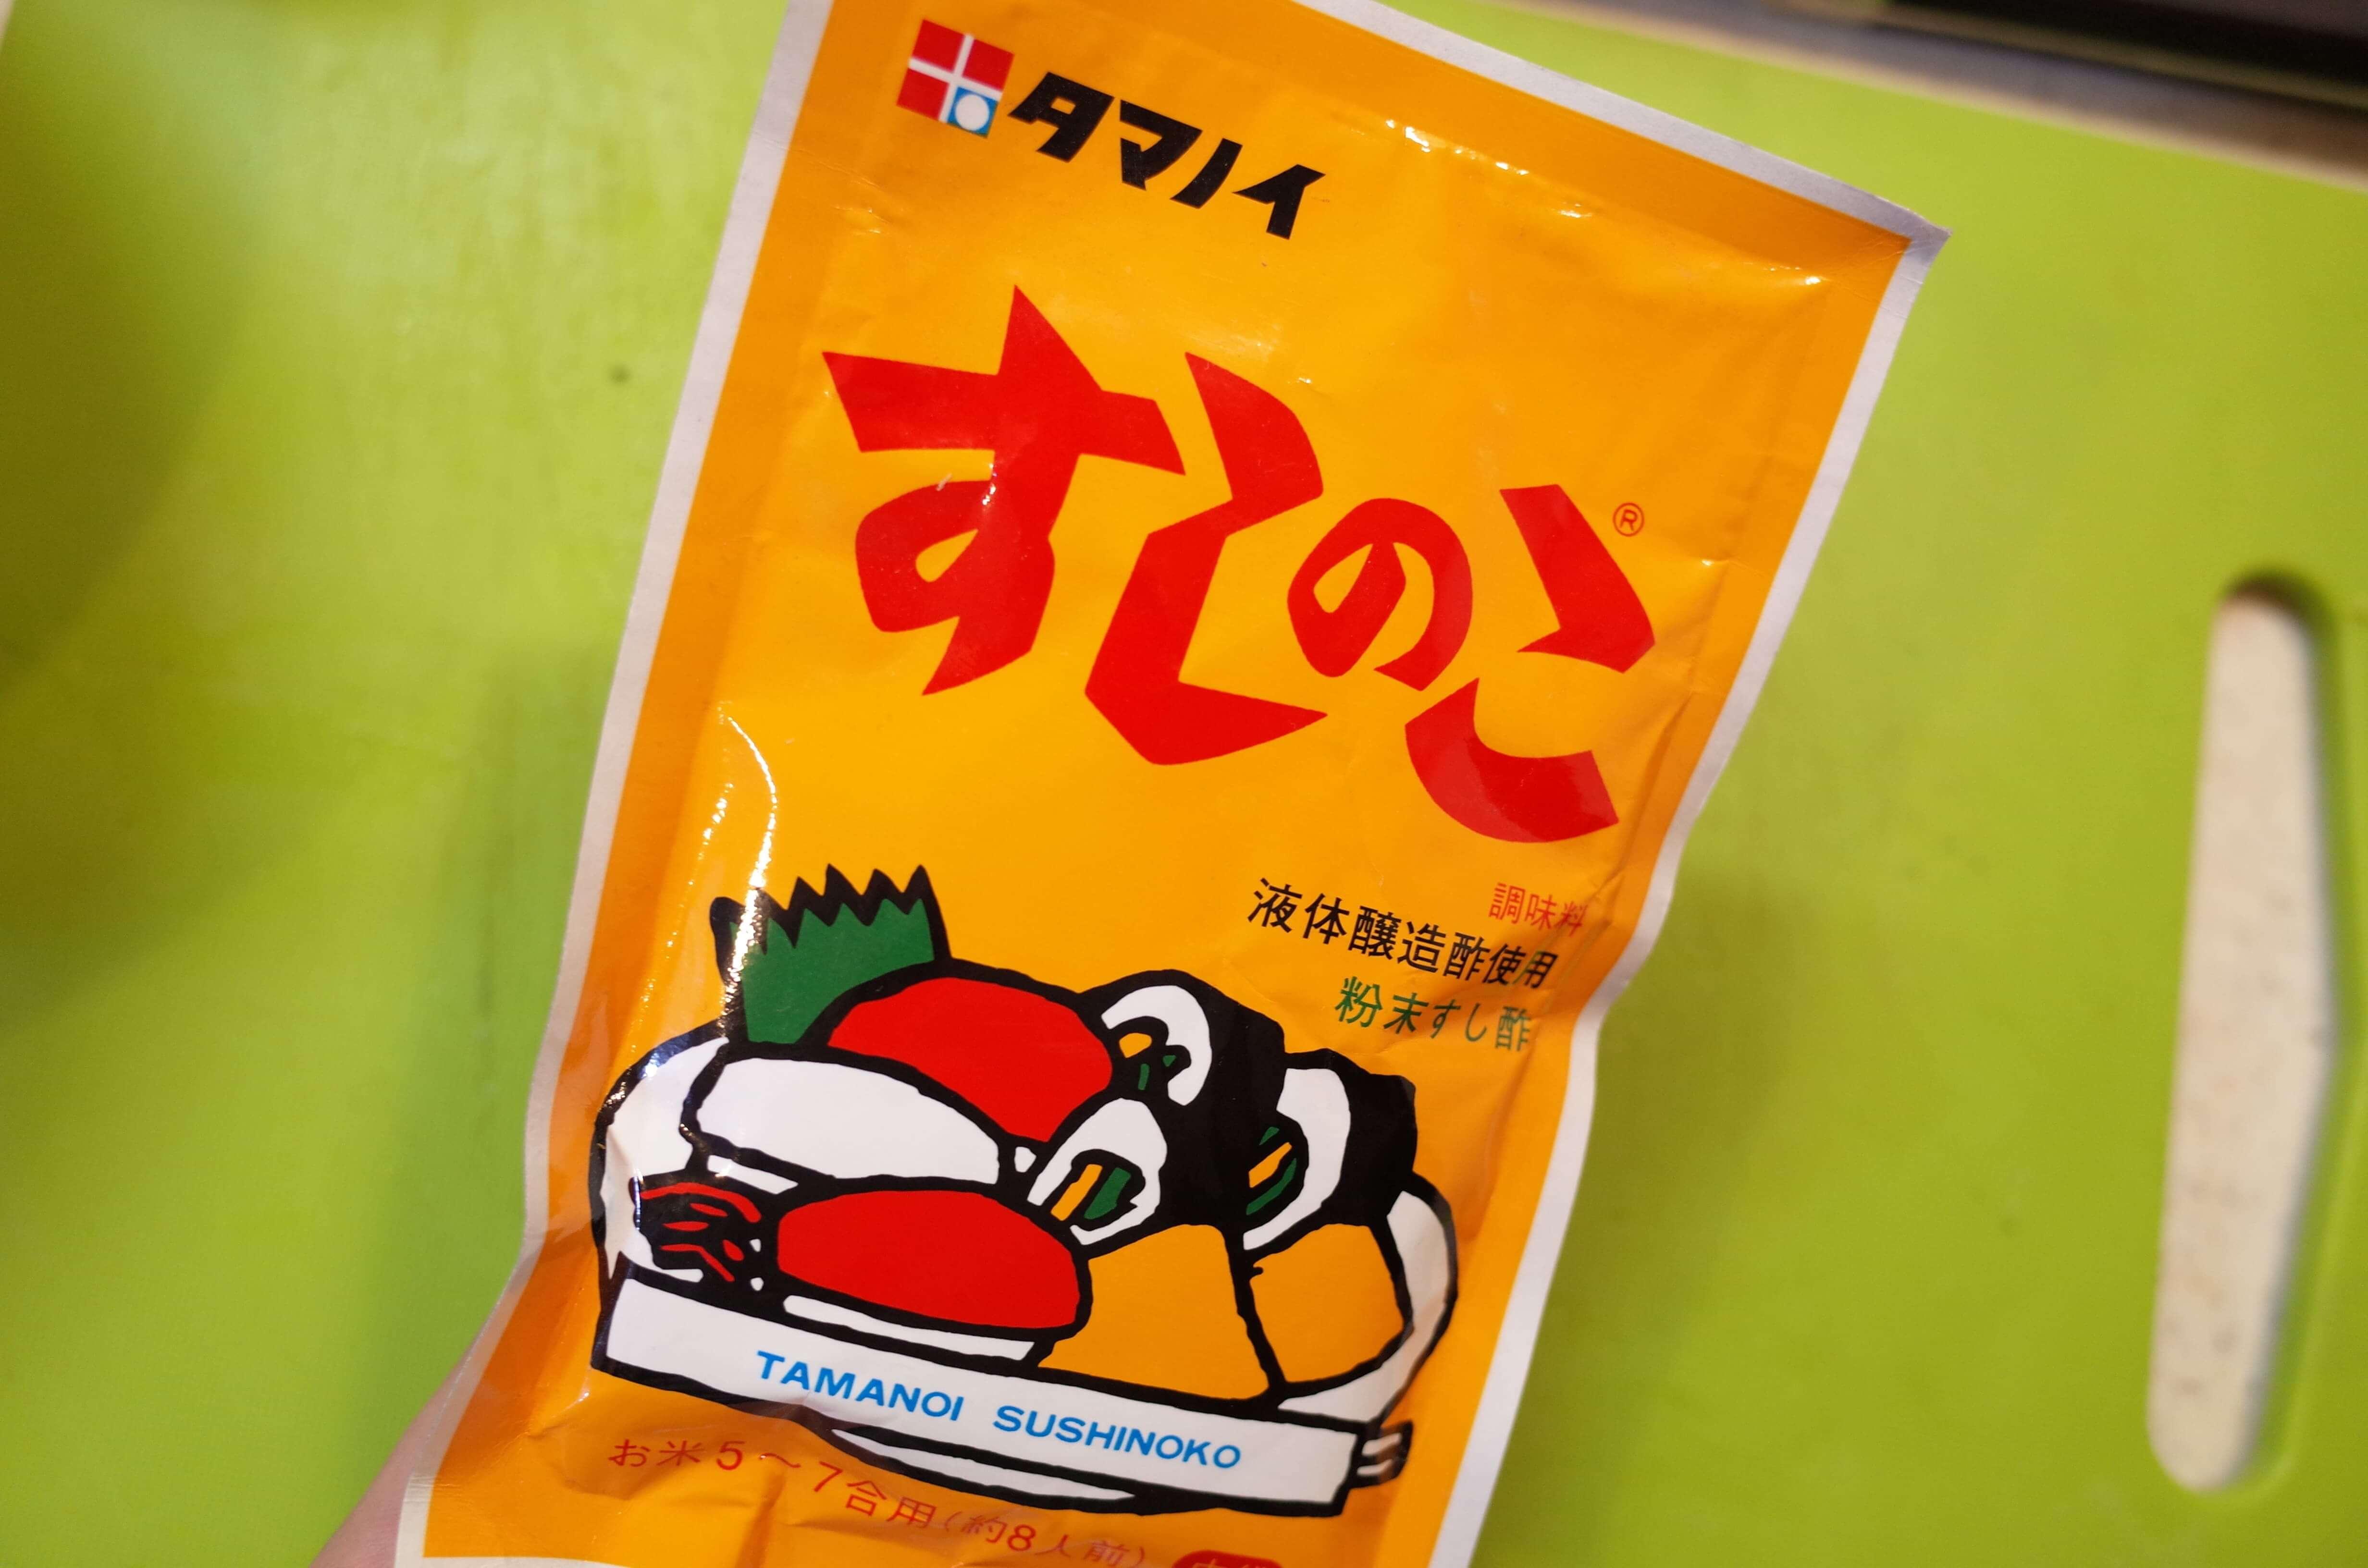 お寿司屋さんのすし飯レシピ(作り方)。粉末すし酢も超簡単でおすすめ